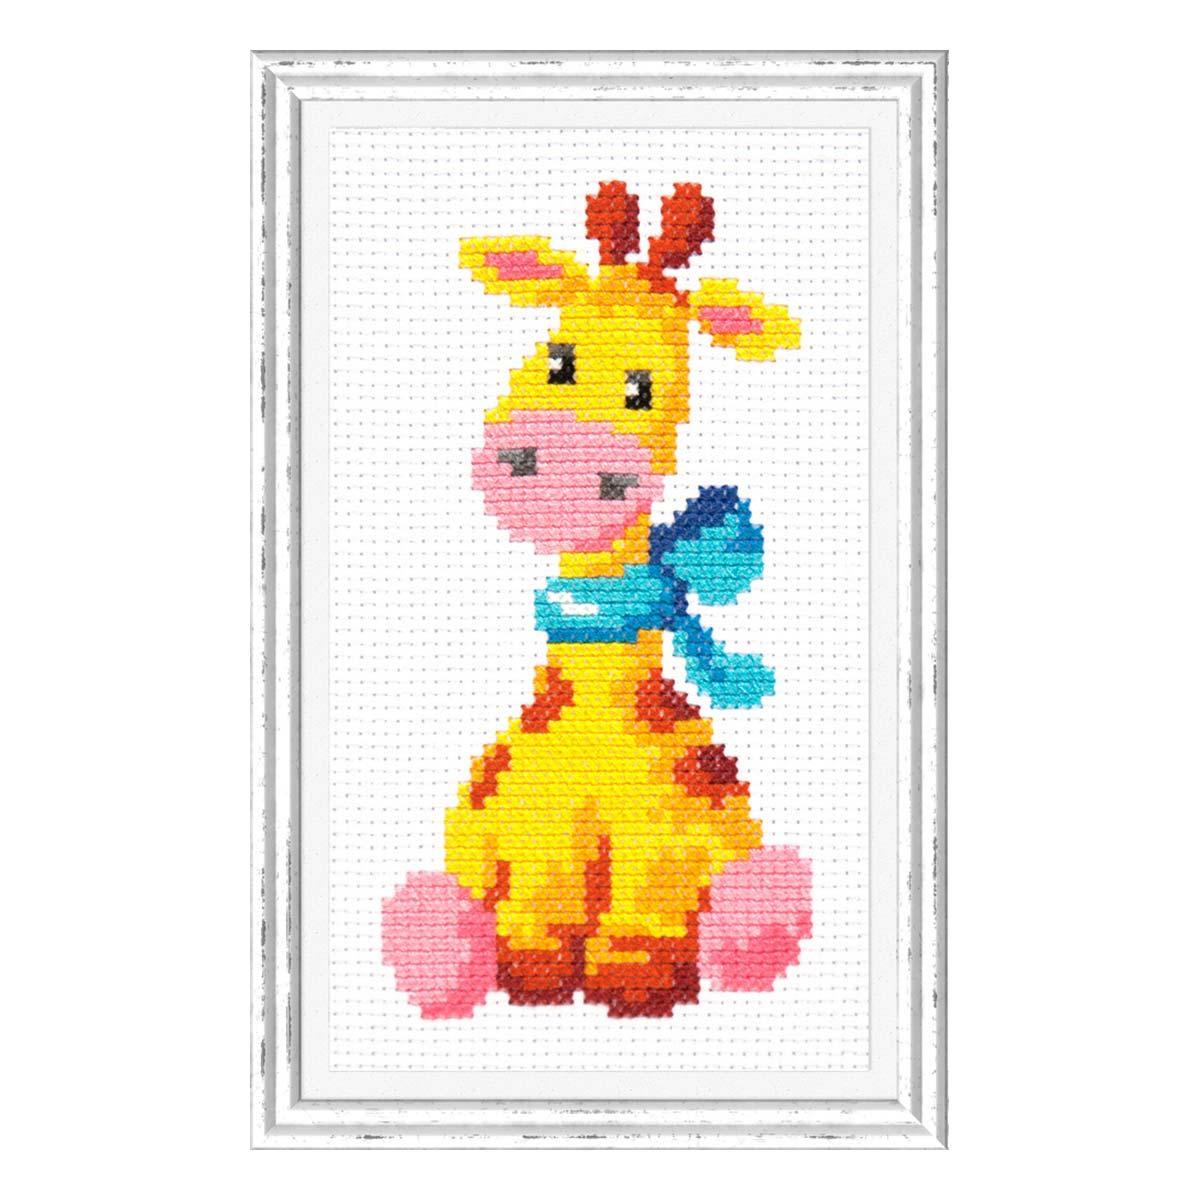 10-34 Набор для вышивания Чудесная игла 'Жирафик'8 *15 см